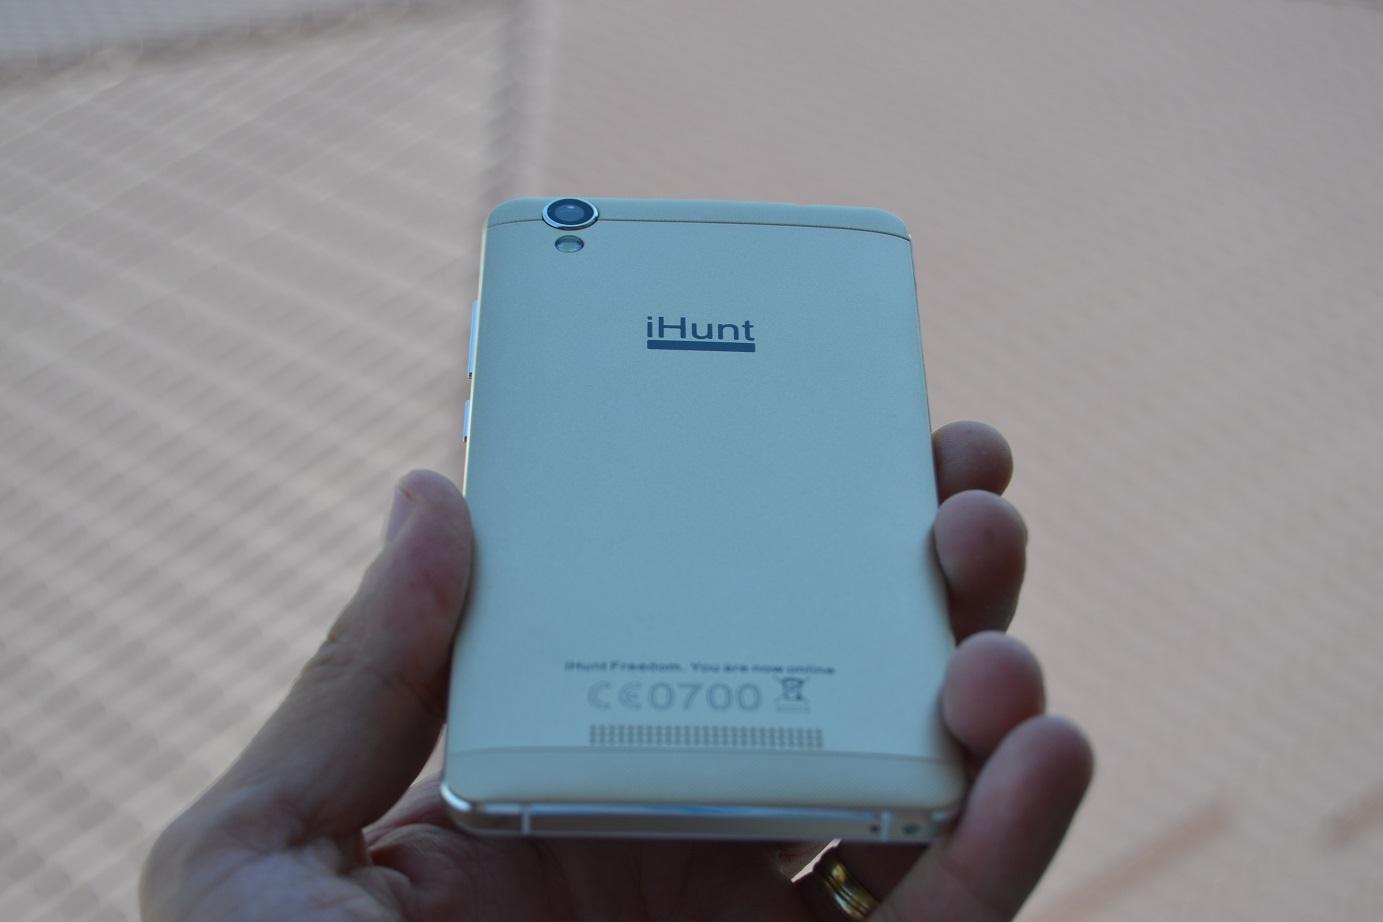 Unboxing iHunt Freedom si primele pareri, telefon sub brand local!